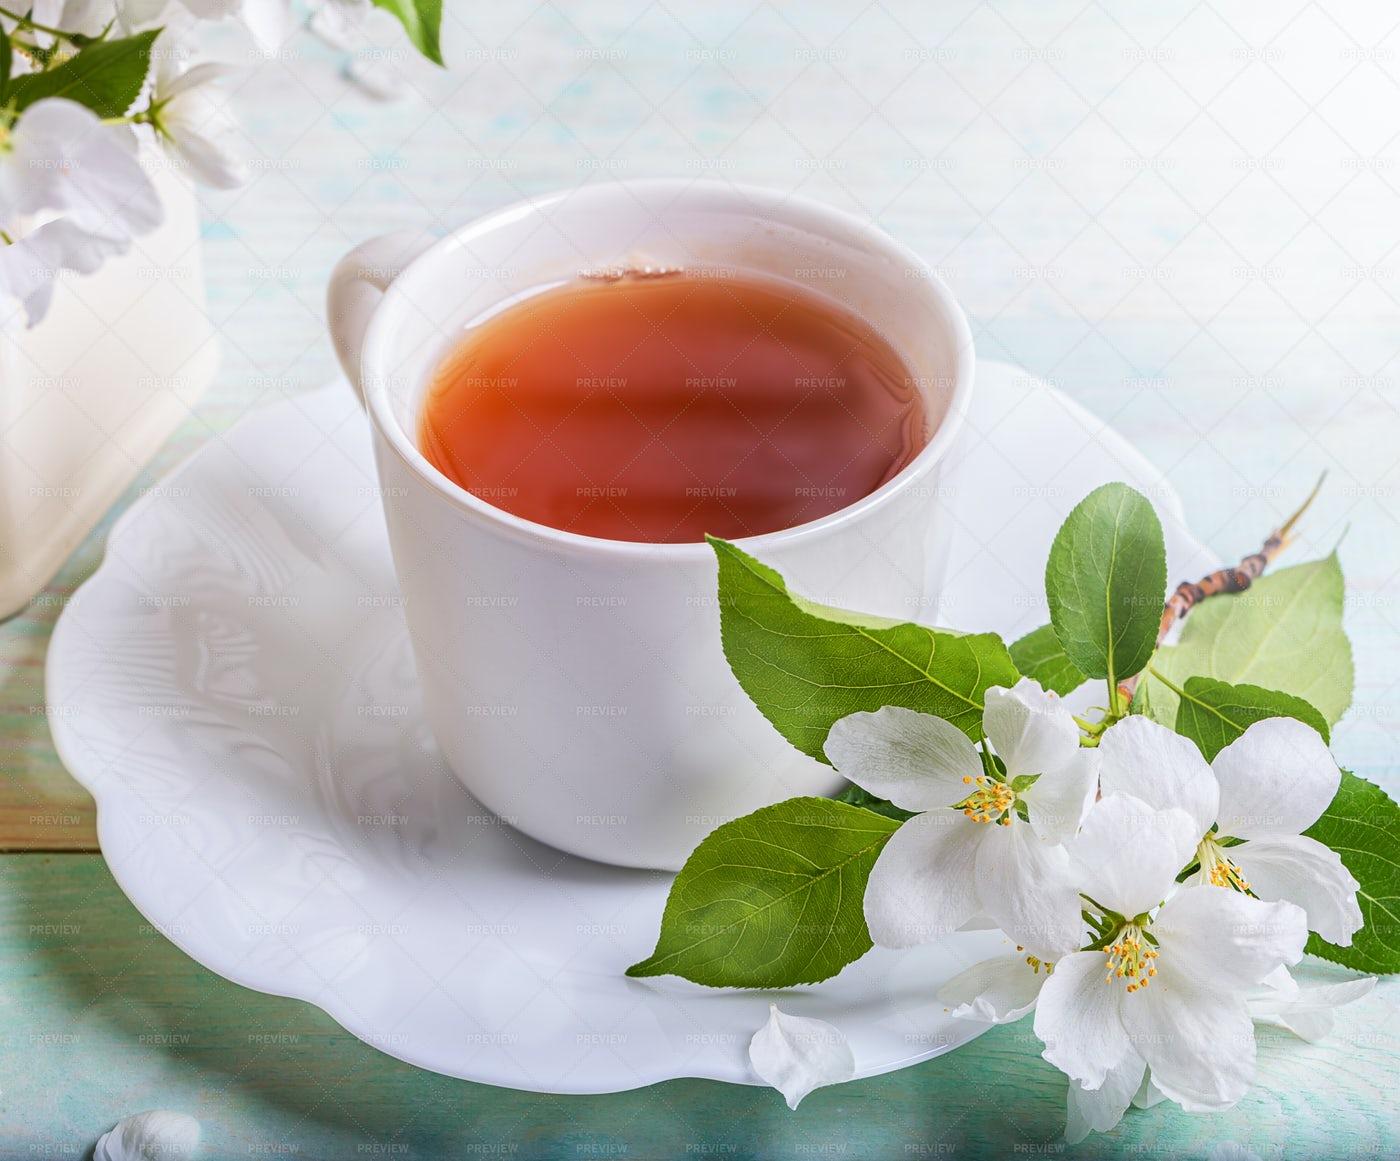 Tea And Apple Flowers: Stock Photos